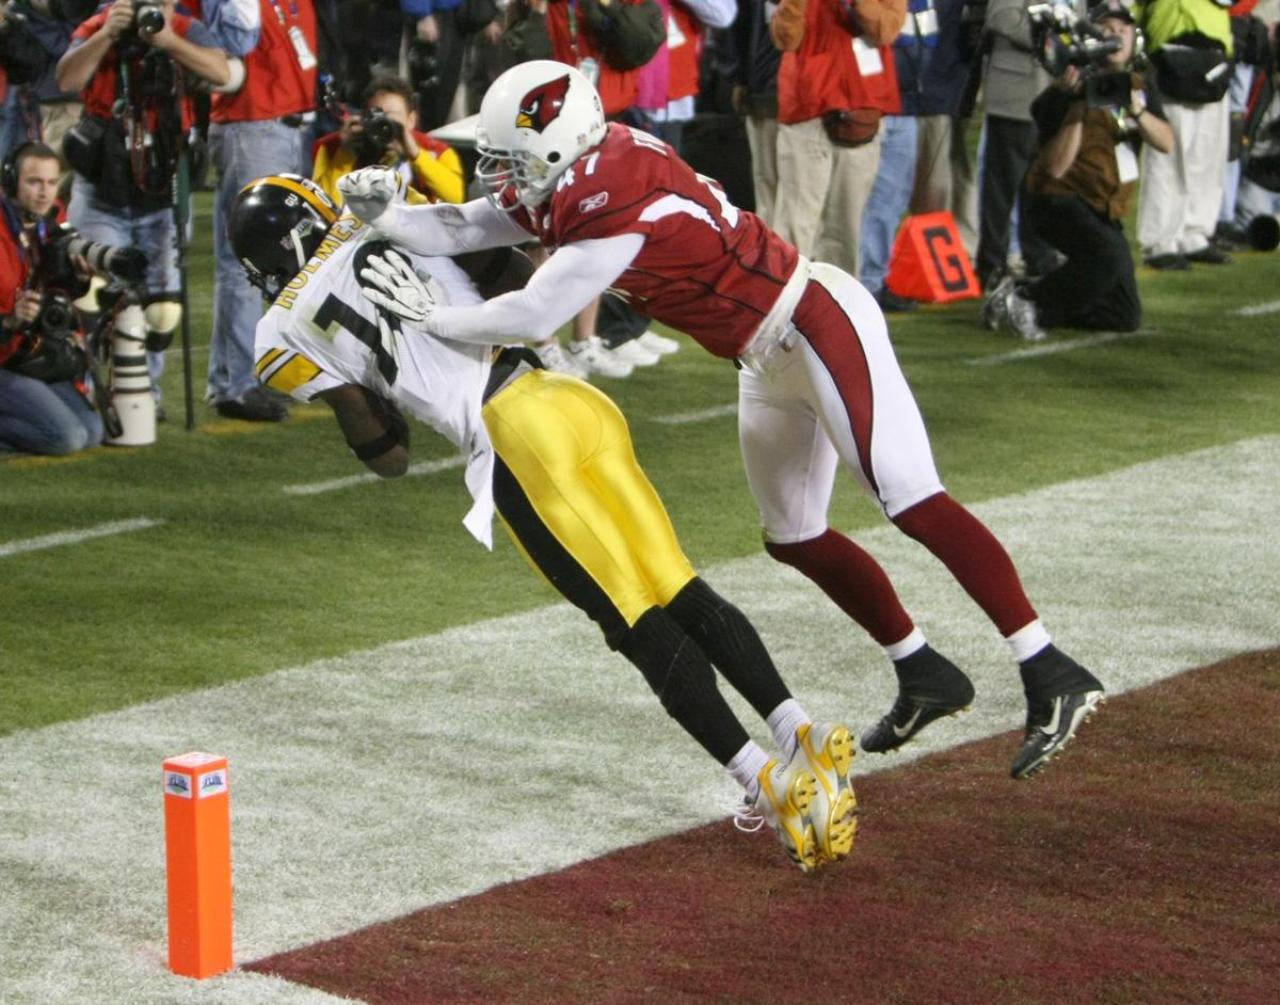 Cardinals vs steelers